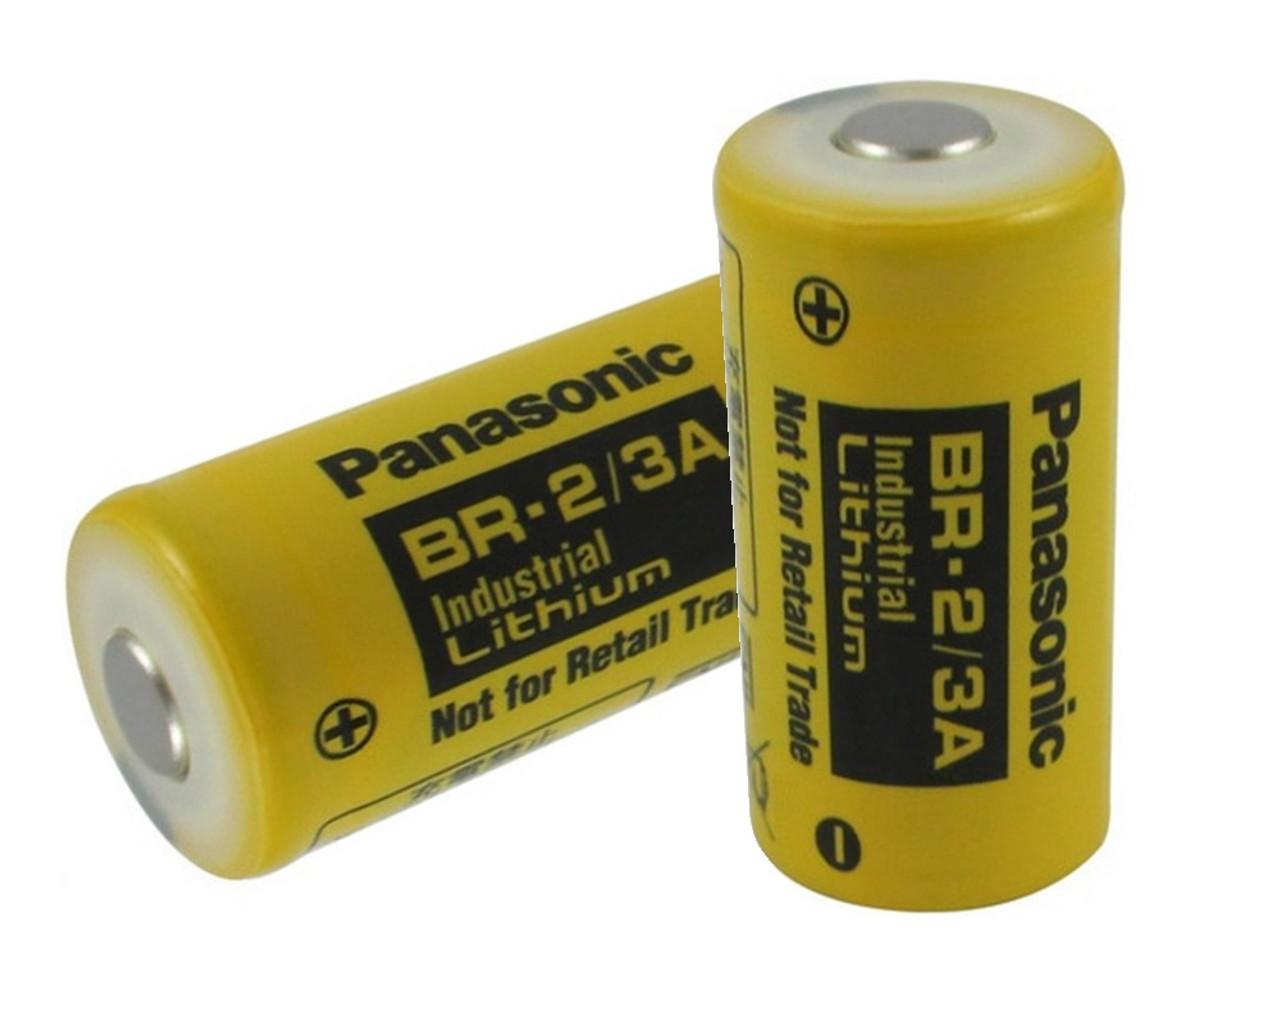 Panasonic BR-2/3ASSPN, BR-2/3A 3 Volt 1200mAh Lithium Battery